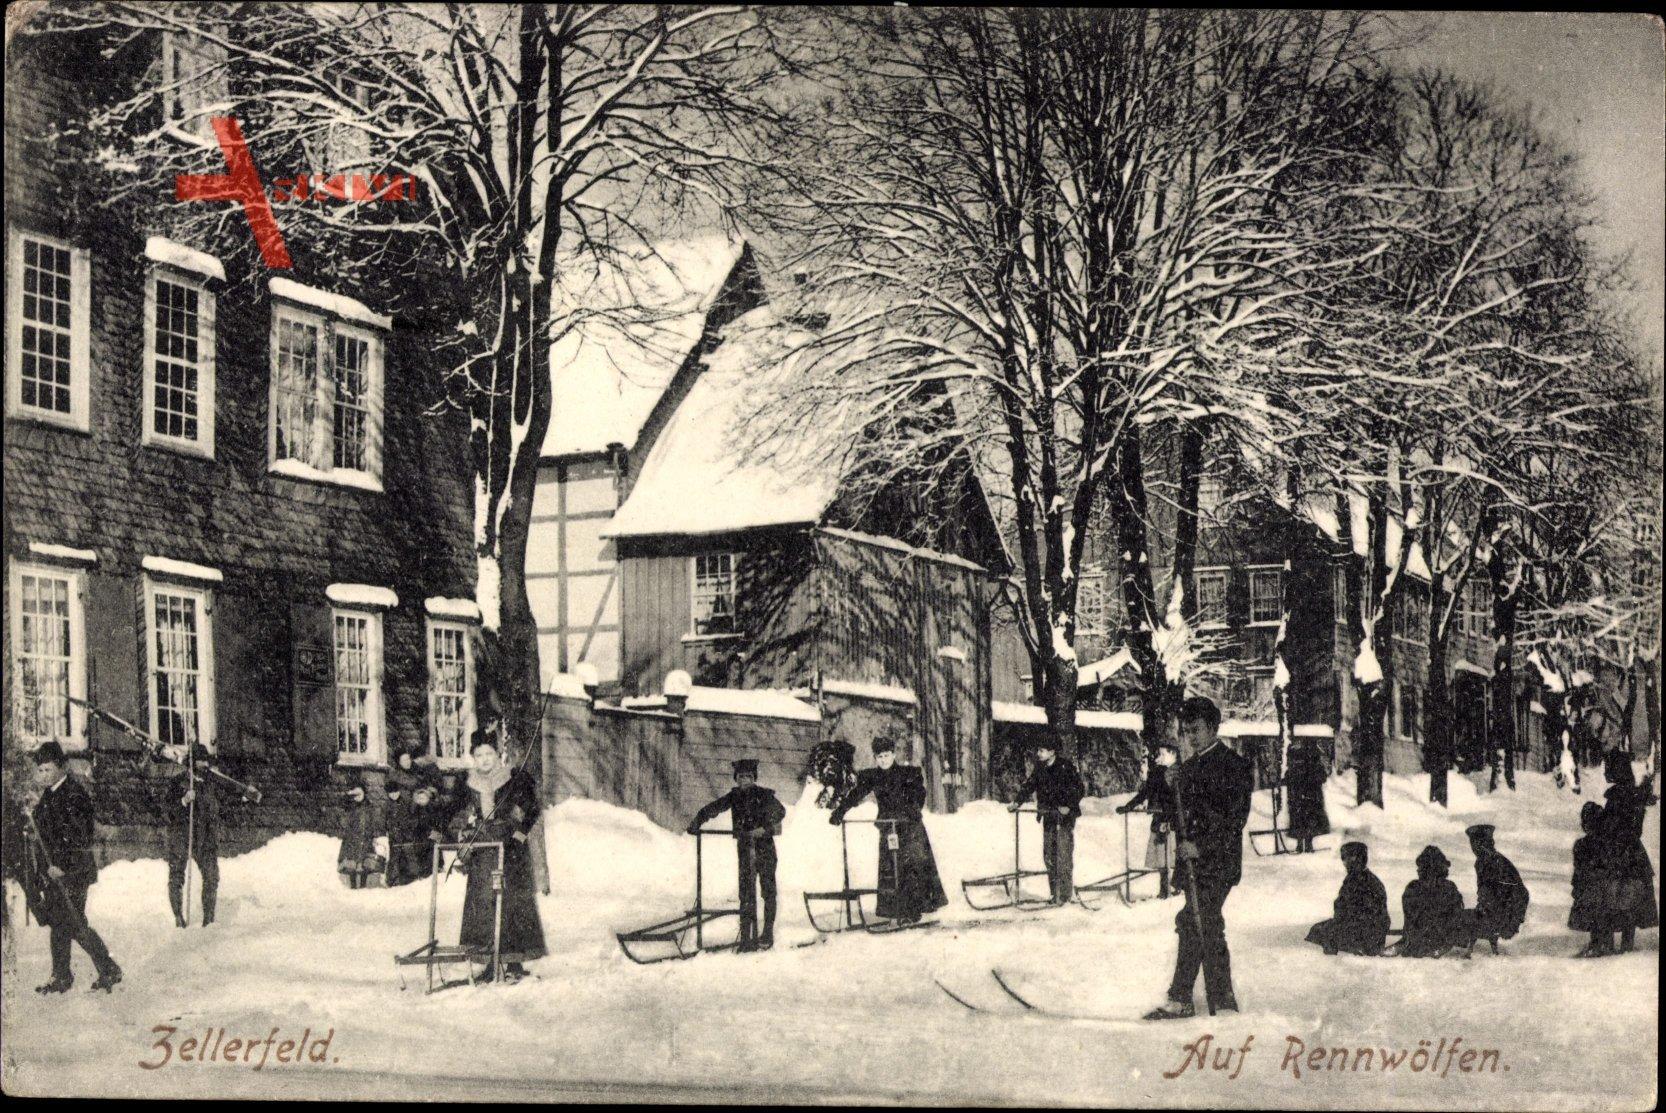 Clausthal Zellerfeld im Oberharz, Auf Rennwölfen, Schlitten, Winter, Ski